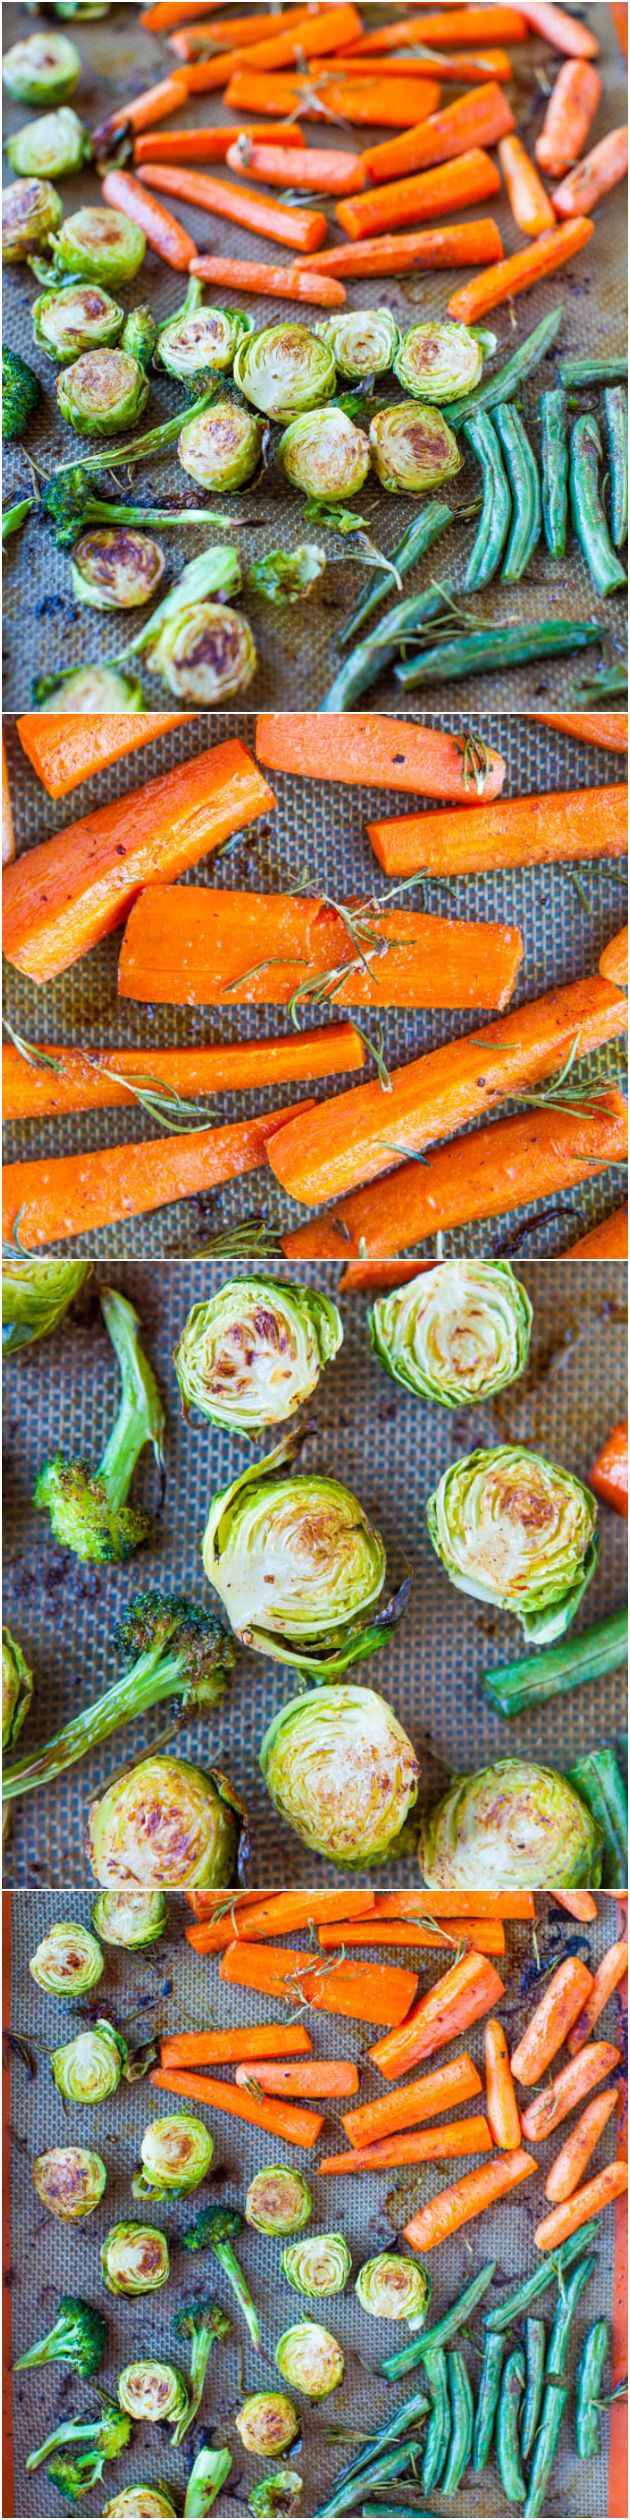 Lemon Rosemary Coconut Oil Roasted Vegetables (vegan, GF) - Trying to ...